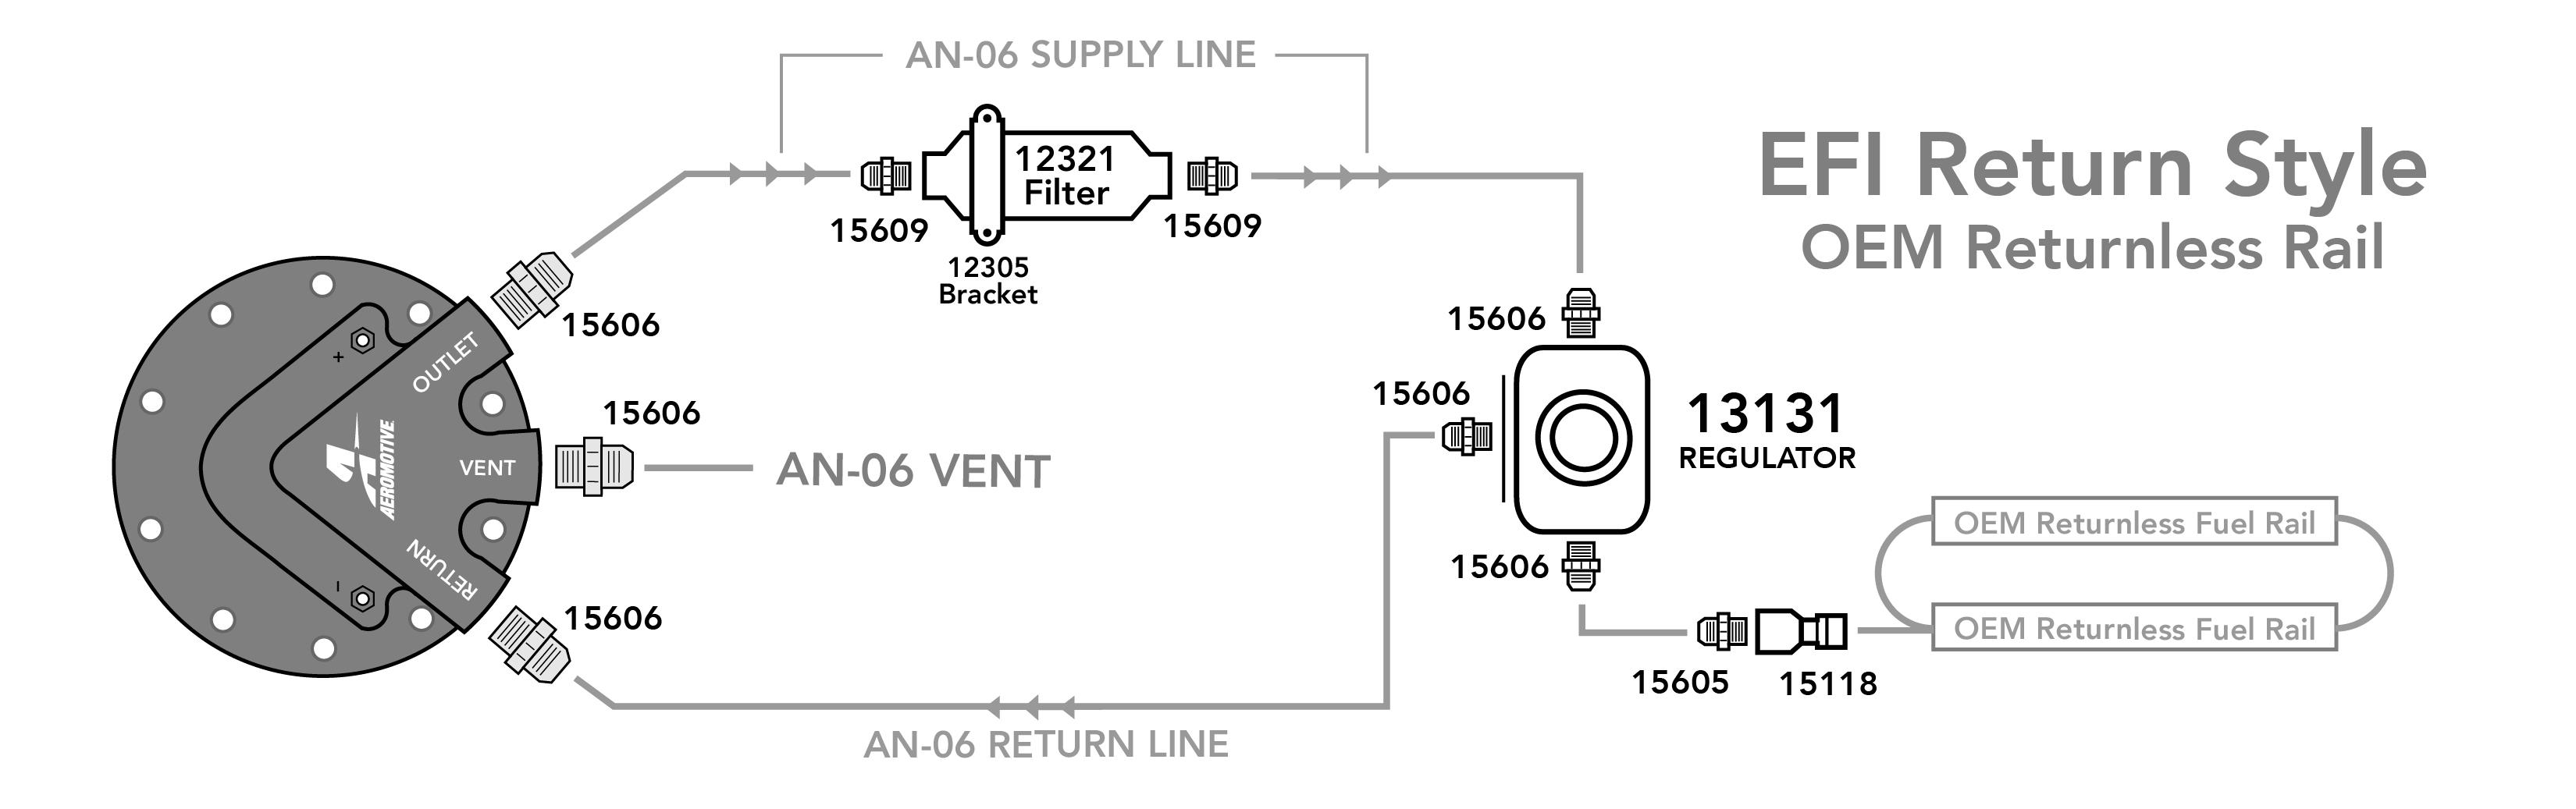 Oem Returnless Rail Phantom 200  U0026 Installation Kit  U2013 Aeromotive  Inc